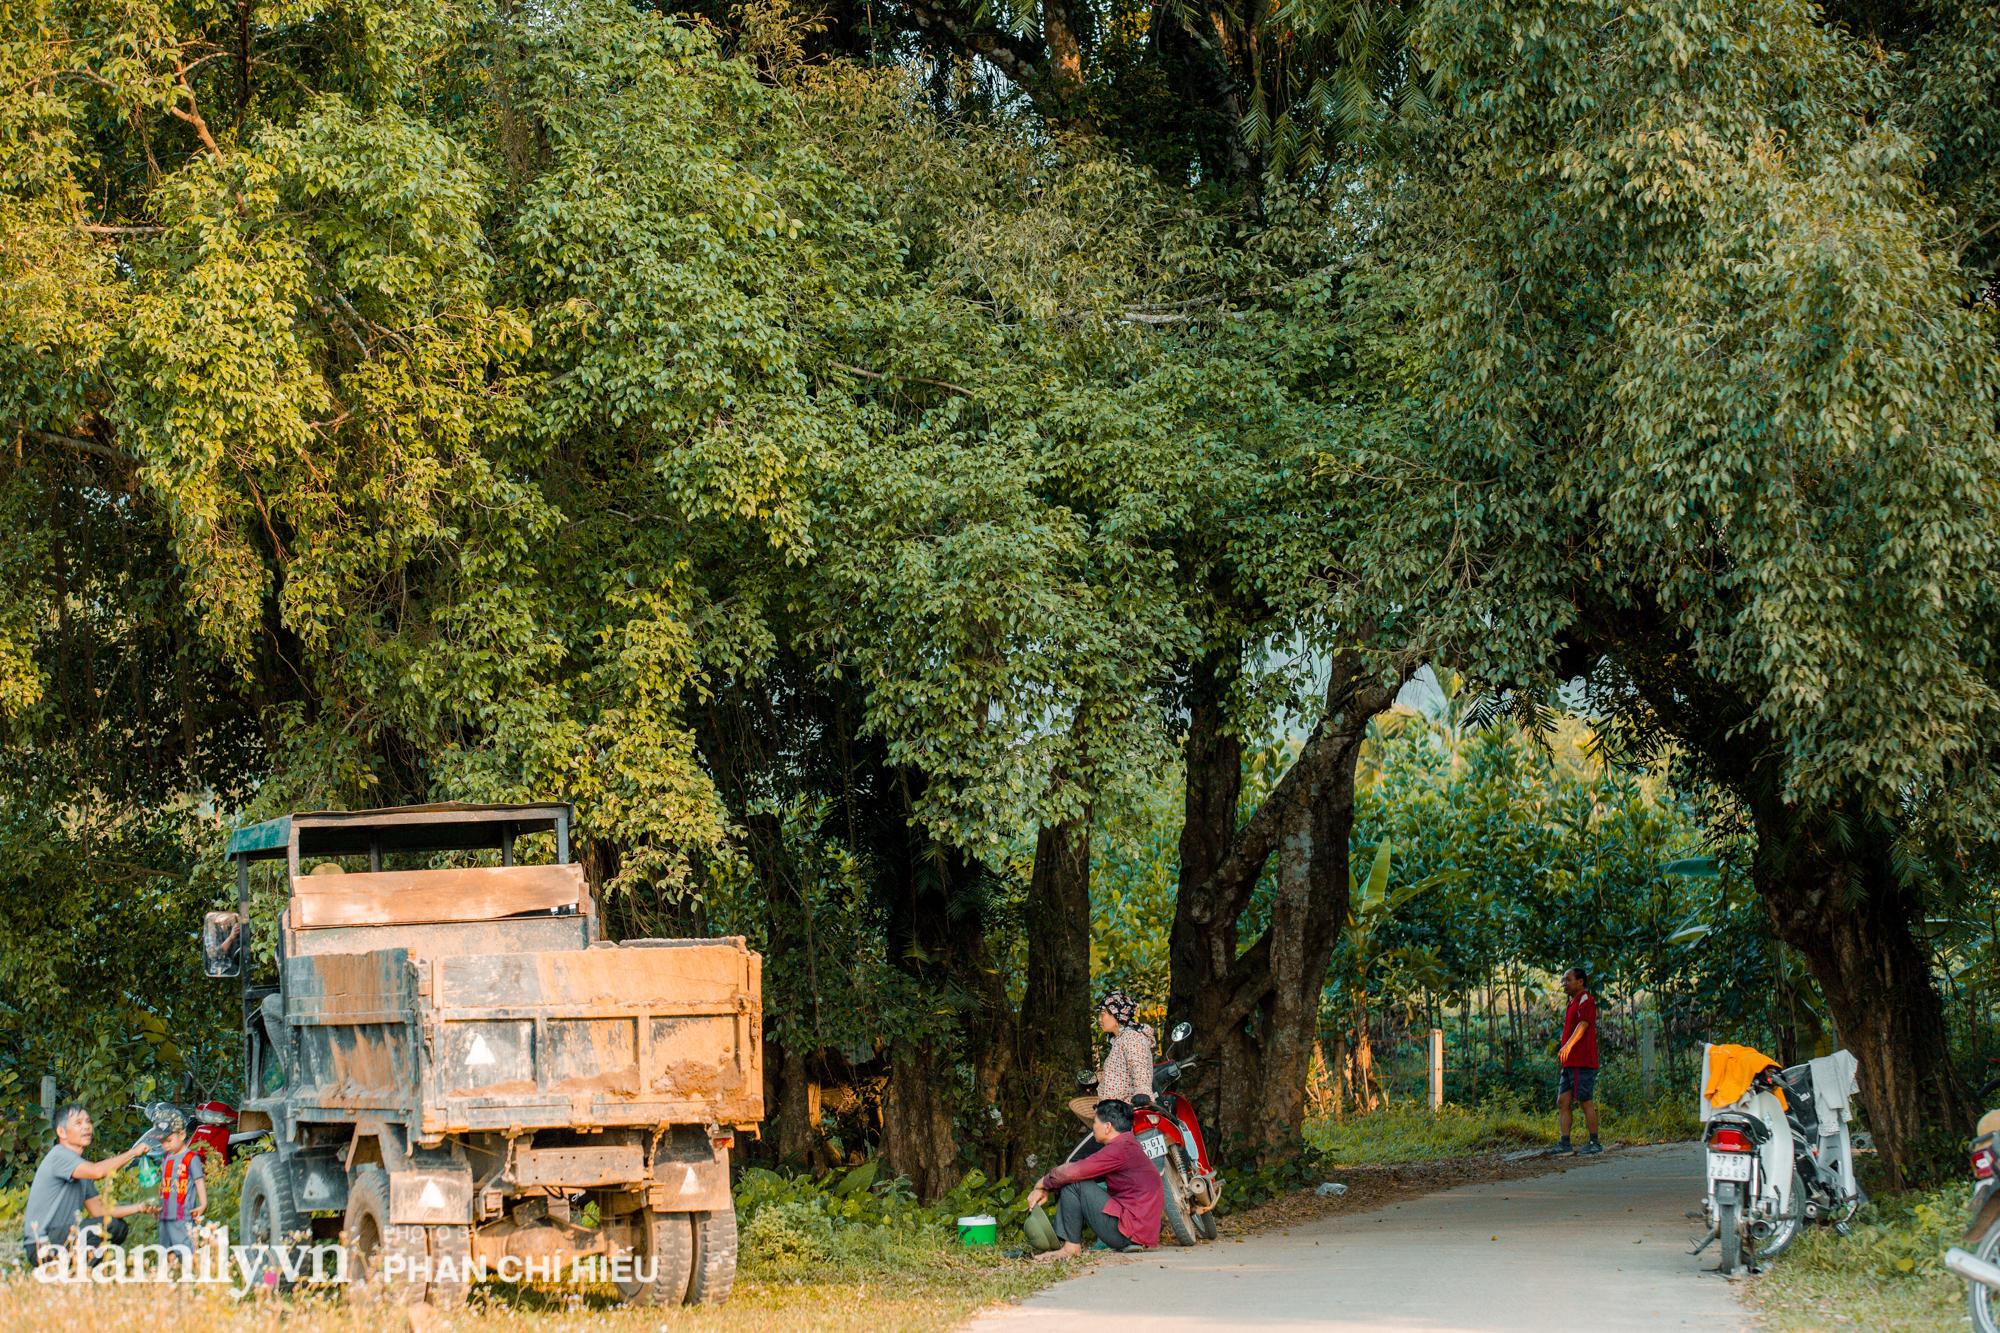 Ngôi làng độc nhất Việt Nam sở hữu chiếc cổng từ cây đại thu 800 năm tuổi, từng là bối cảnh cực ấn tượng trong những bộ phim về làng quê Việt Nam - Ảnh 6.